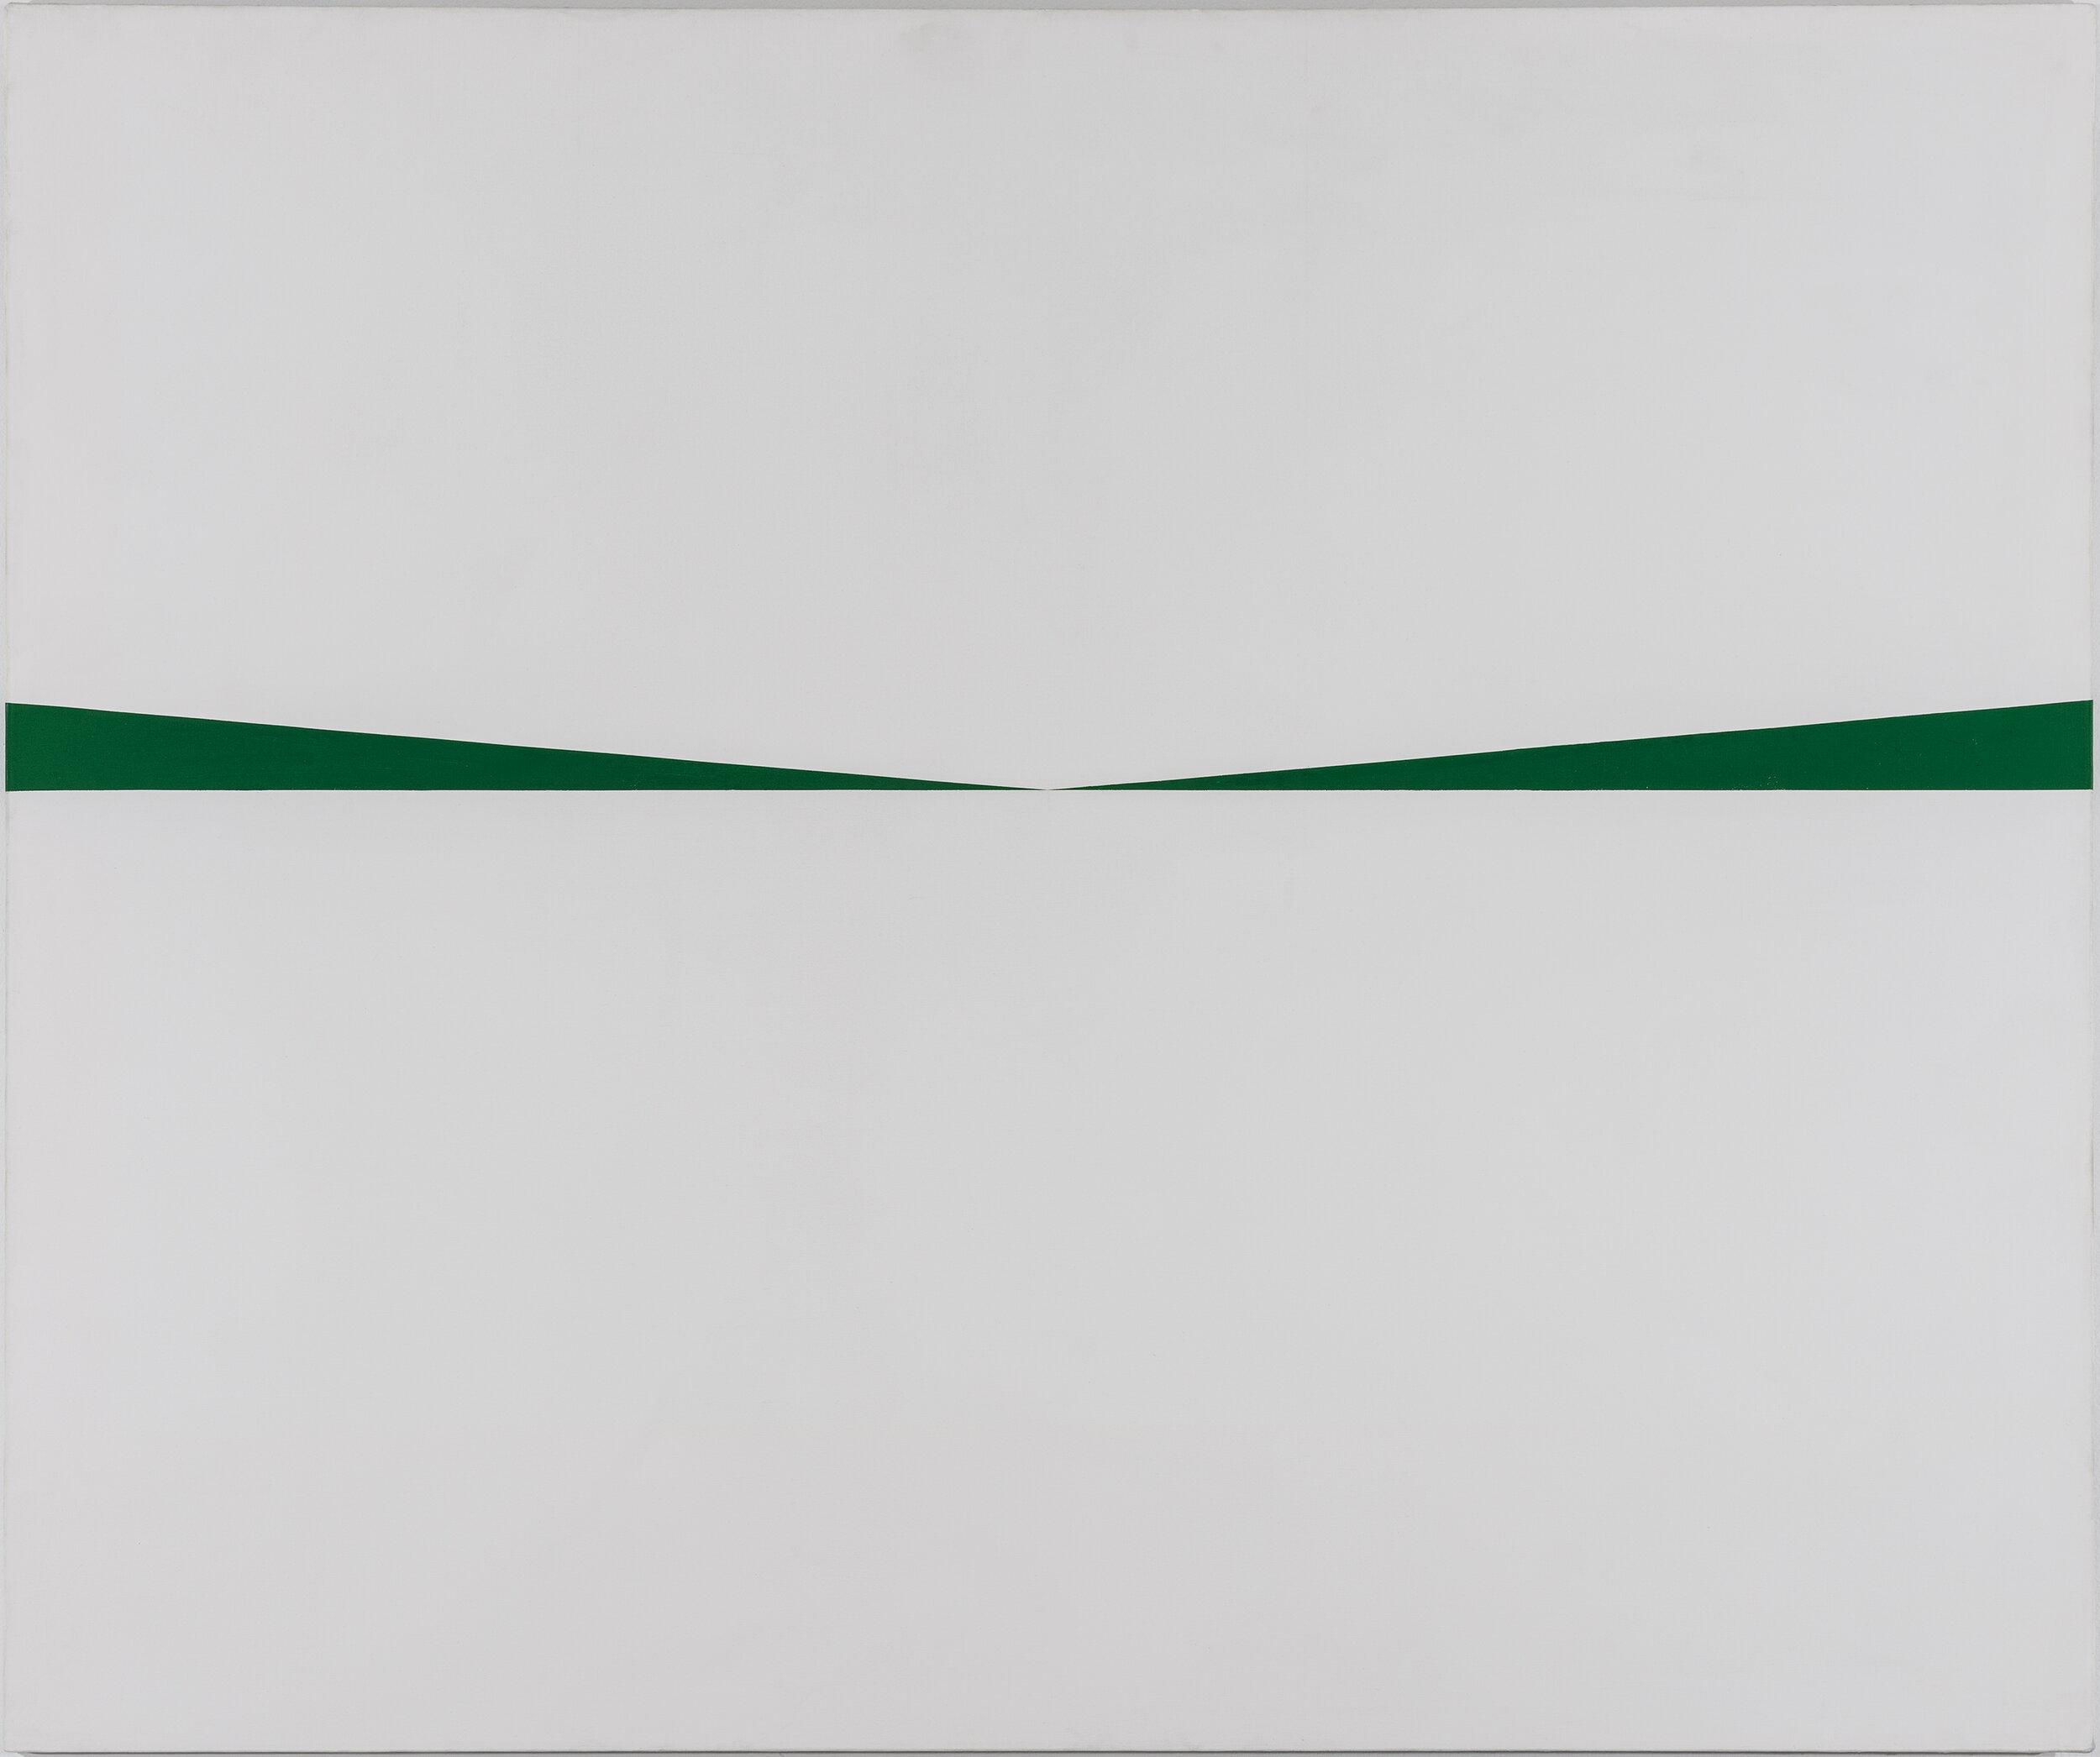 Carmen Herrara's Blanco y Verde